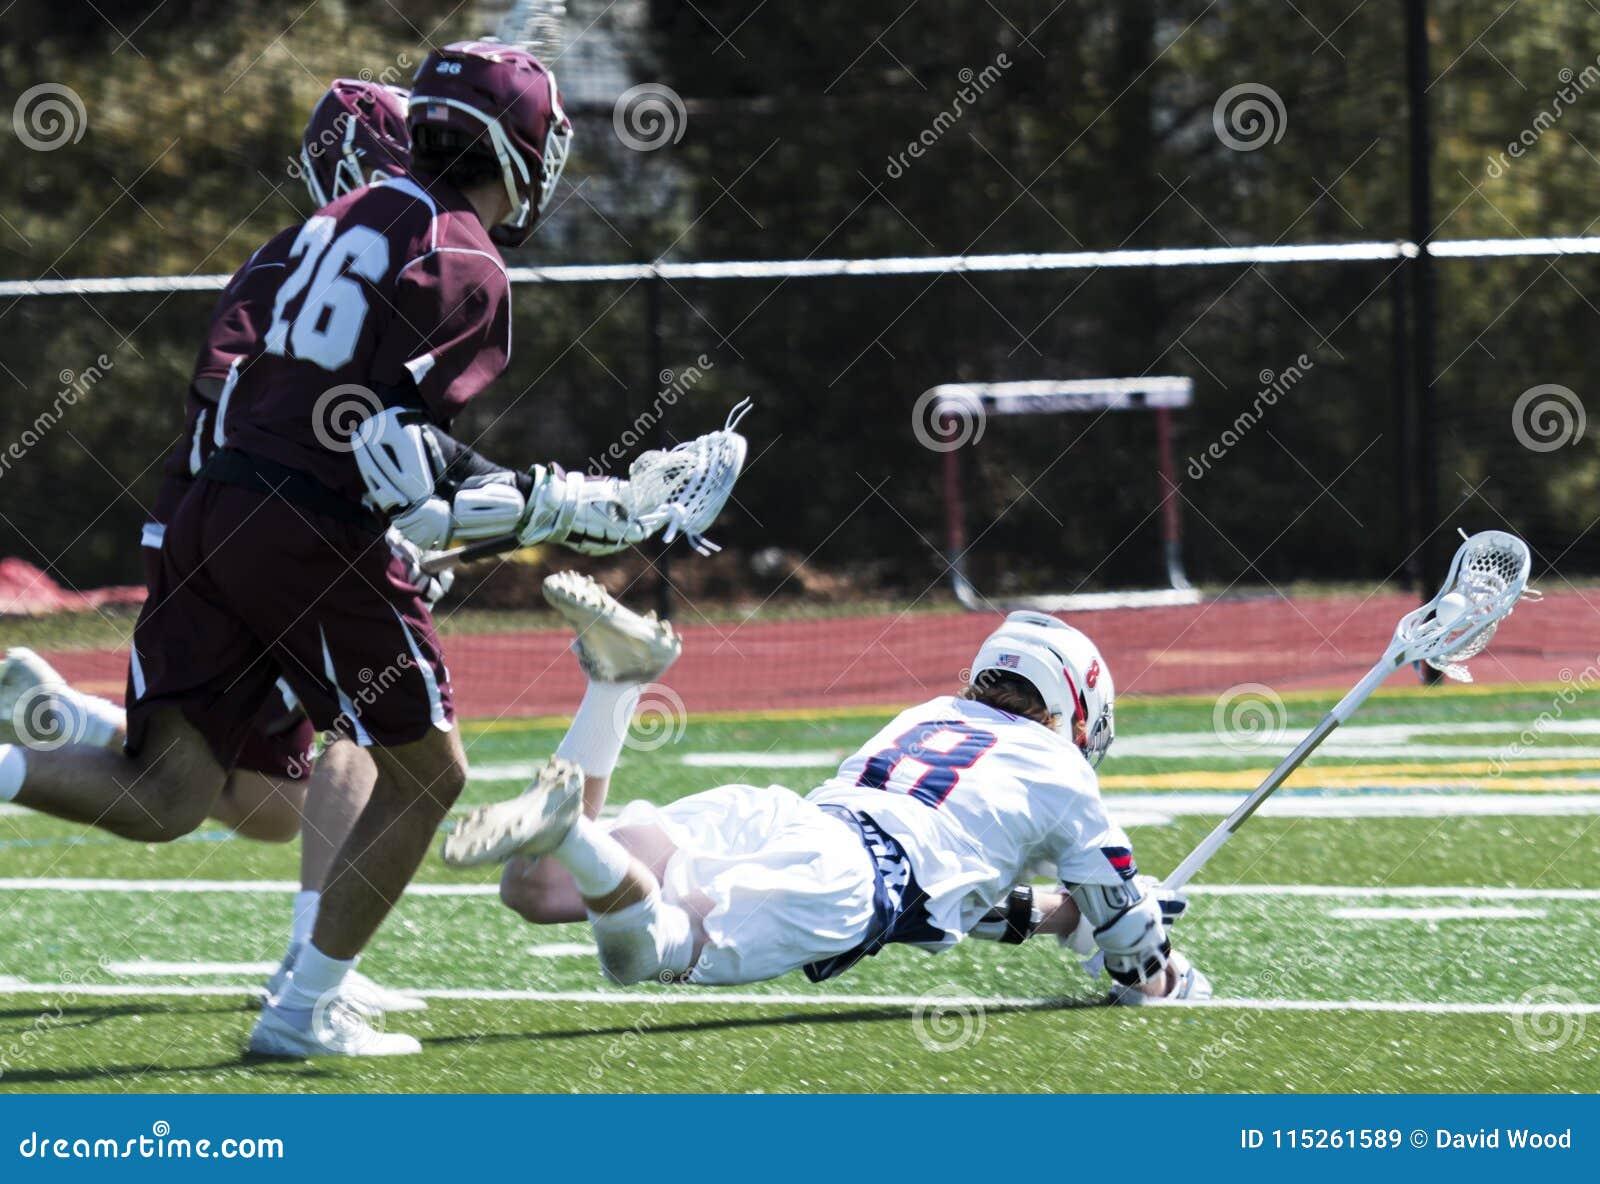 Giocatori che cadono durante il gioco di lacrosse